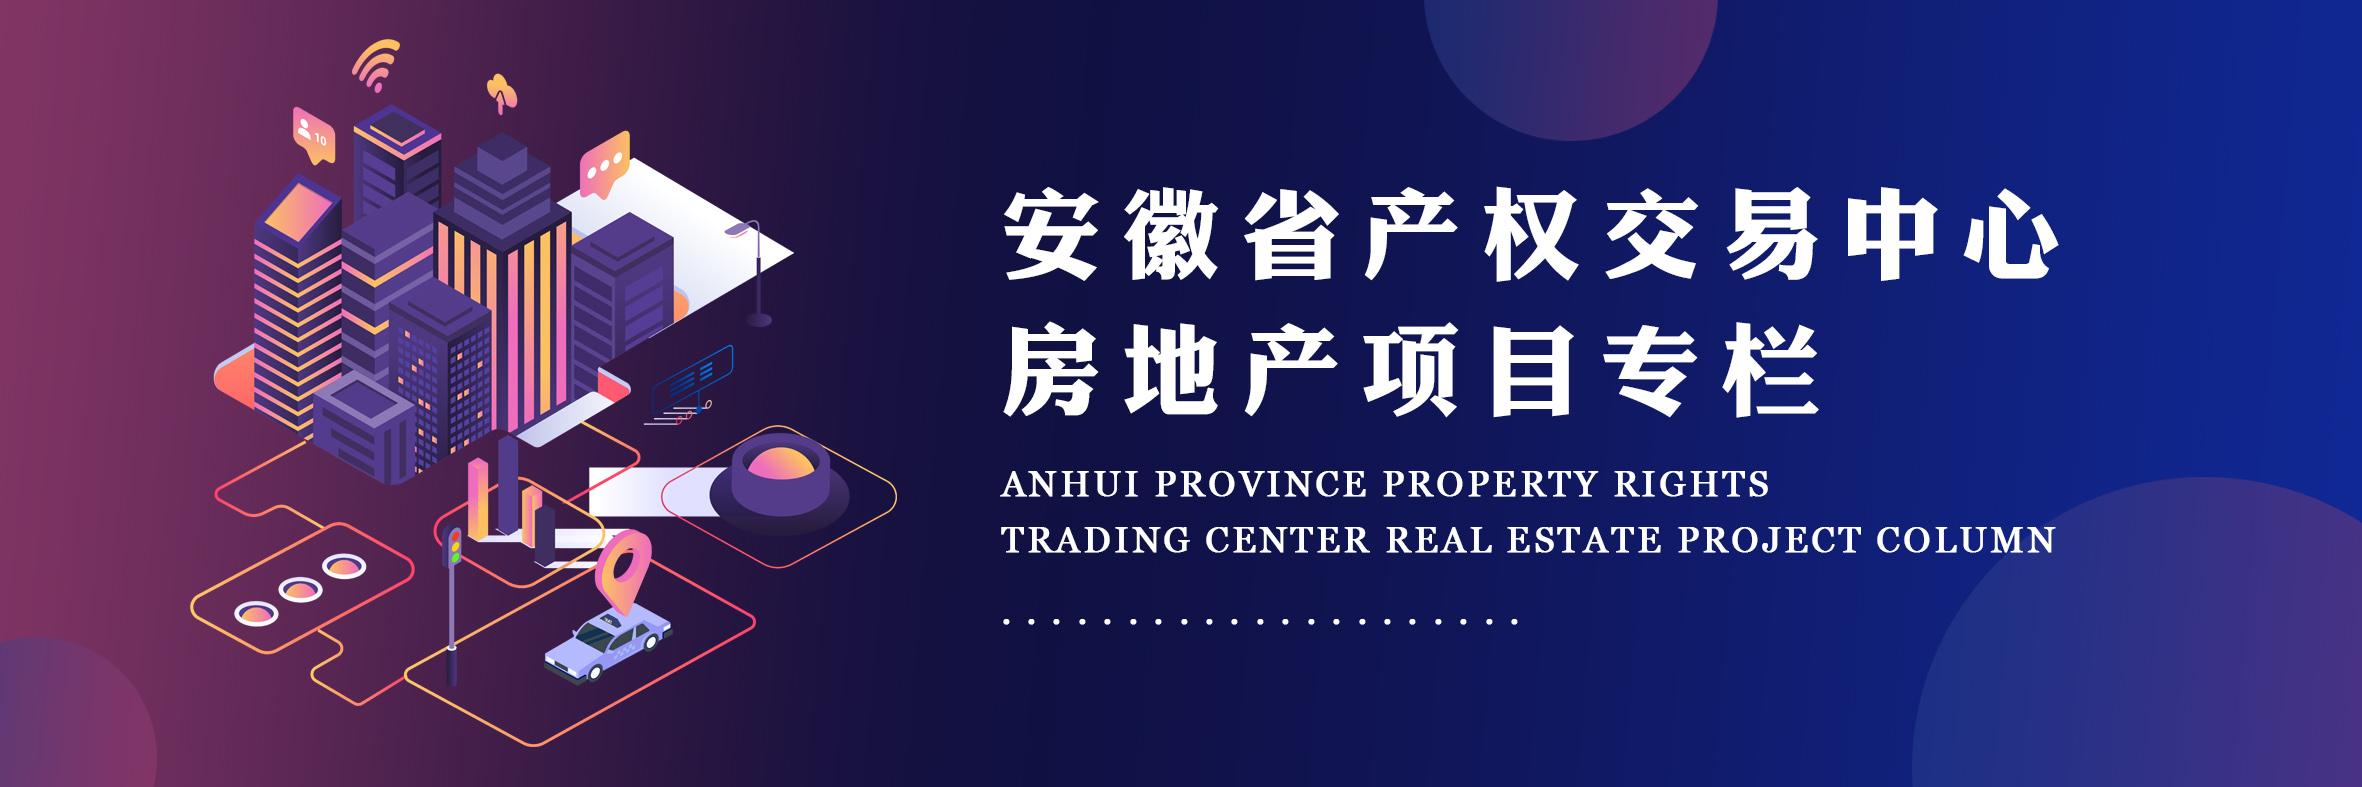 安徽省产权交易中心房地产项目专栏